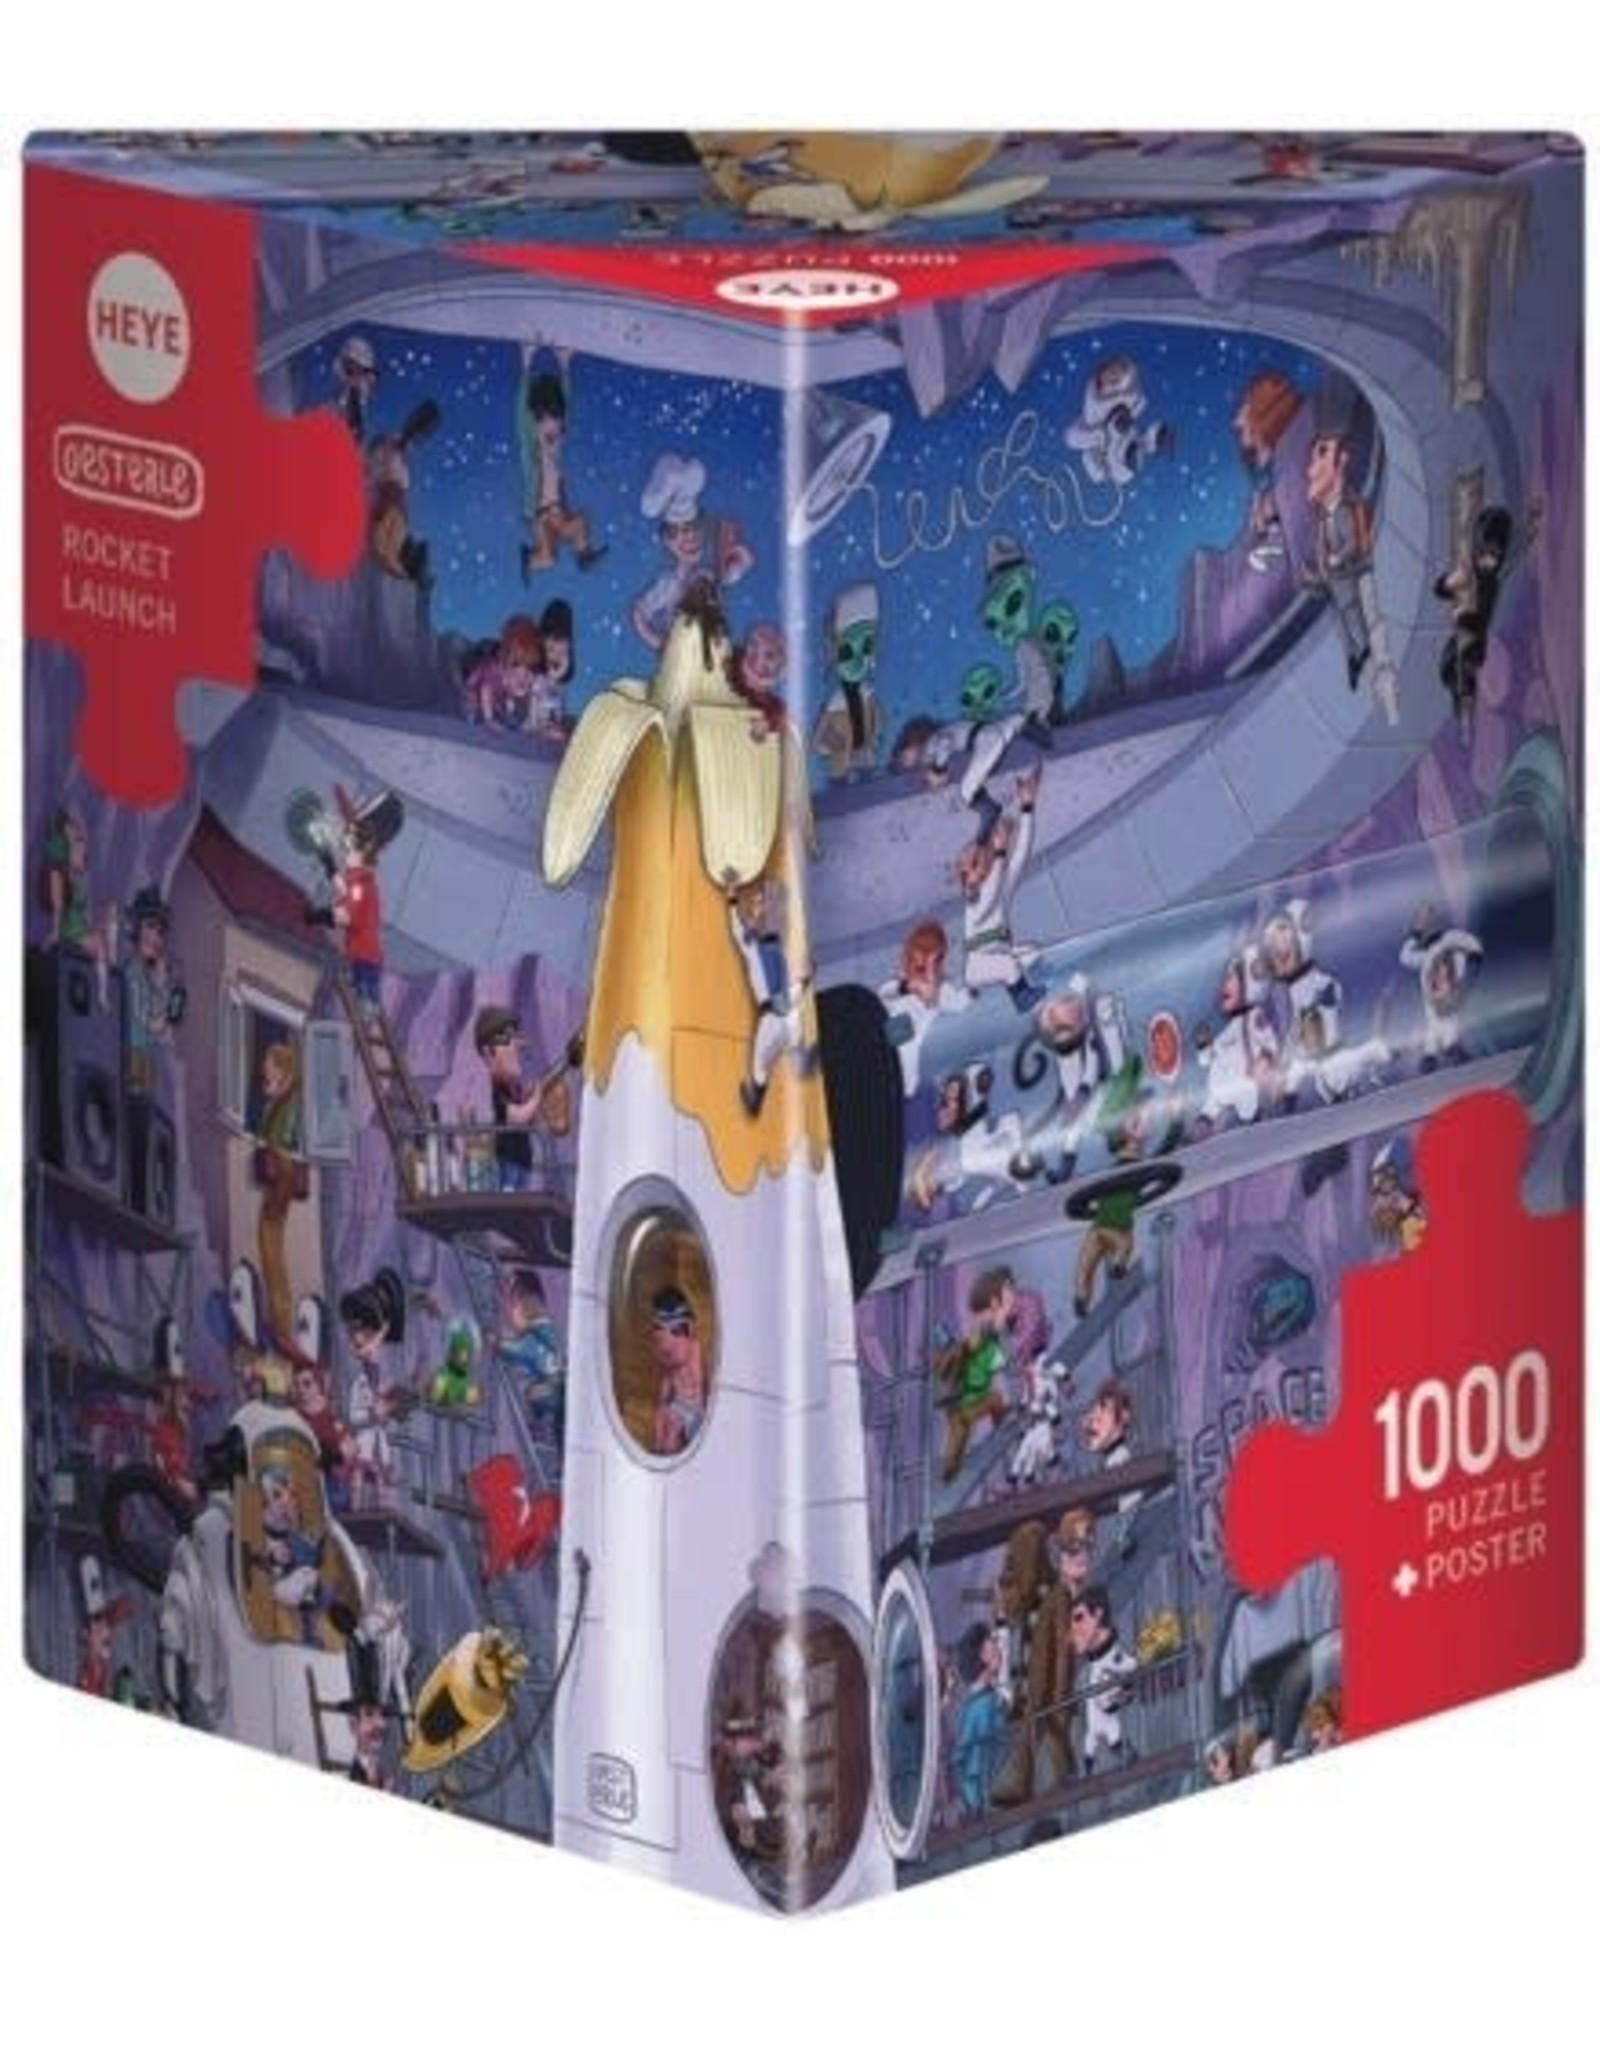 """Heye Puzzel """"Rocket Launch"""" 1000 stukjes"""